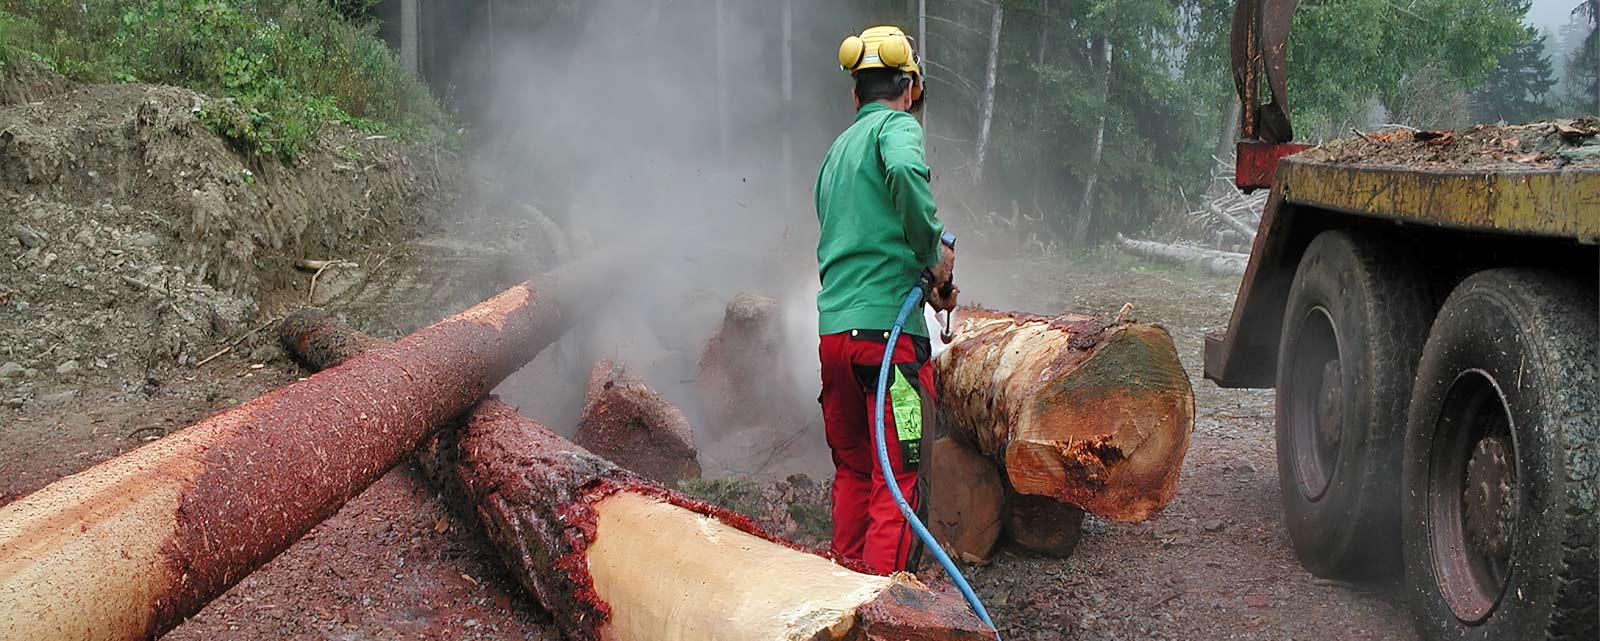 Les nettoyeurs haute pression et les accessoires DYNAJET sont conçus pour les conditions les plus difficiles et sont idéaux pour de nombreuses applications dans les domaines de l'agriculture, du bois et de la foresterie